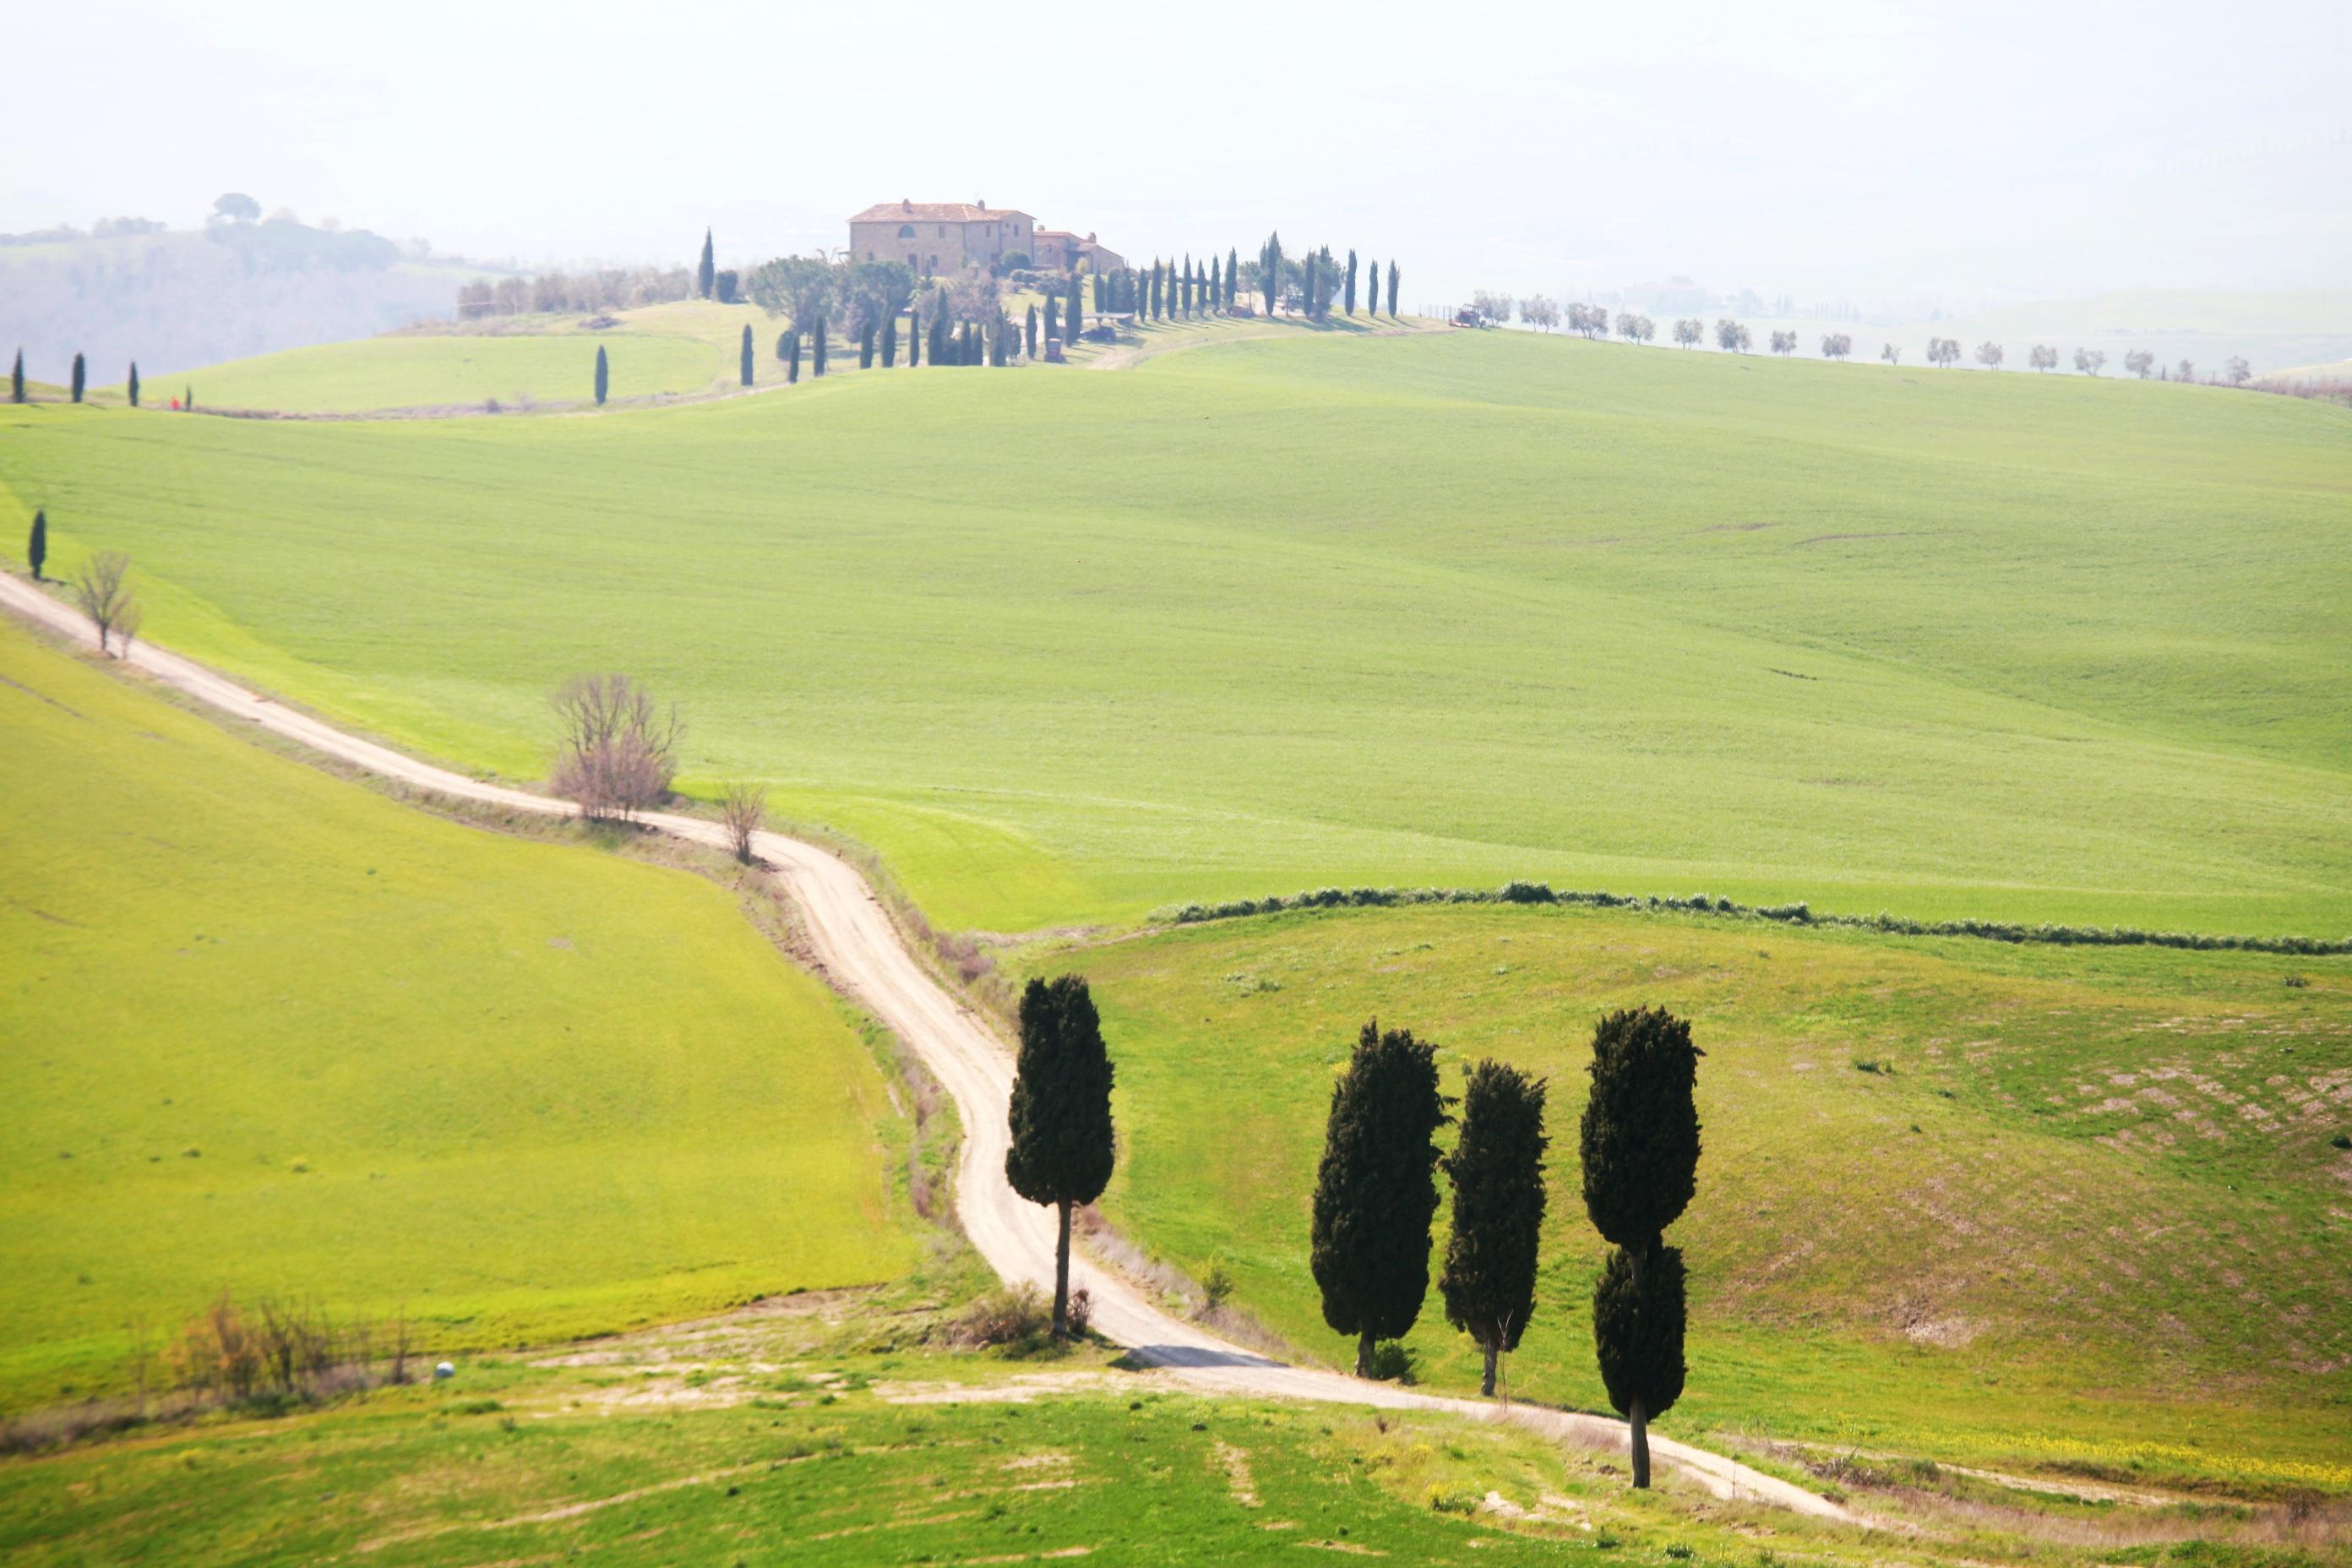 Conhecendo as belezas da Toscana de carro –  Itália